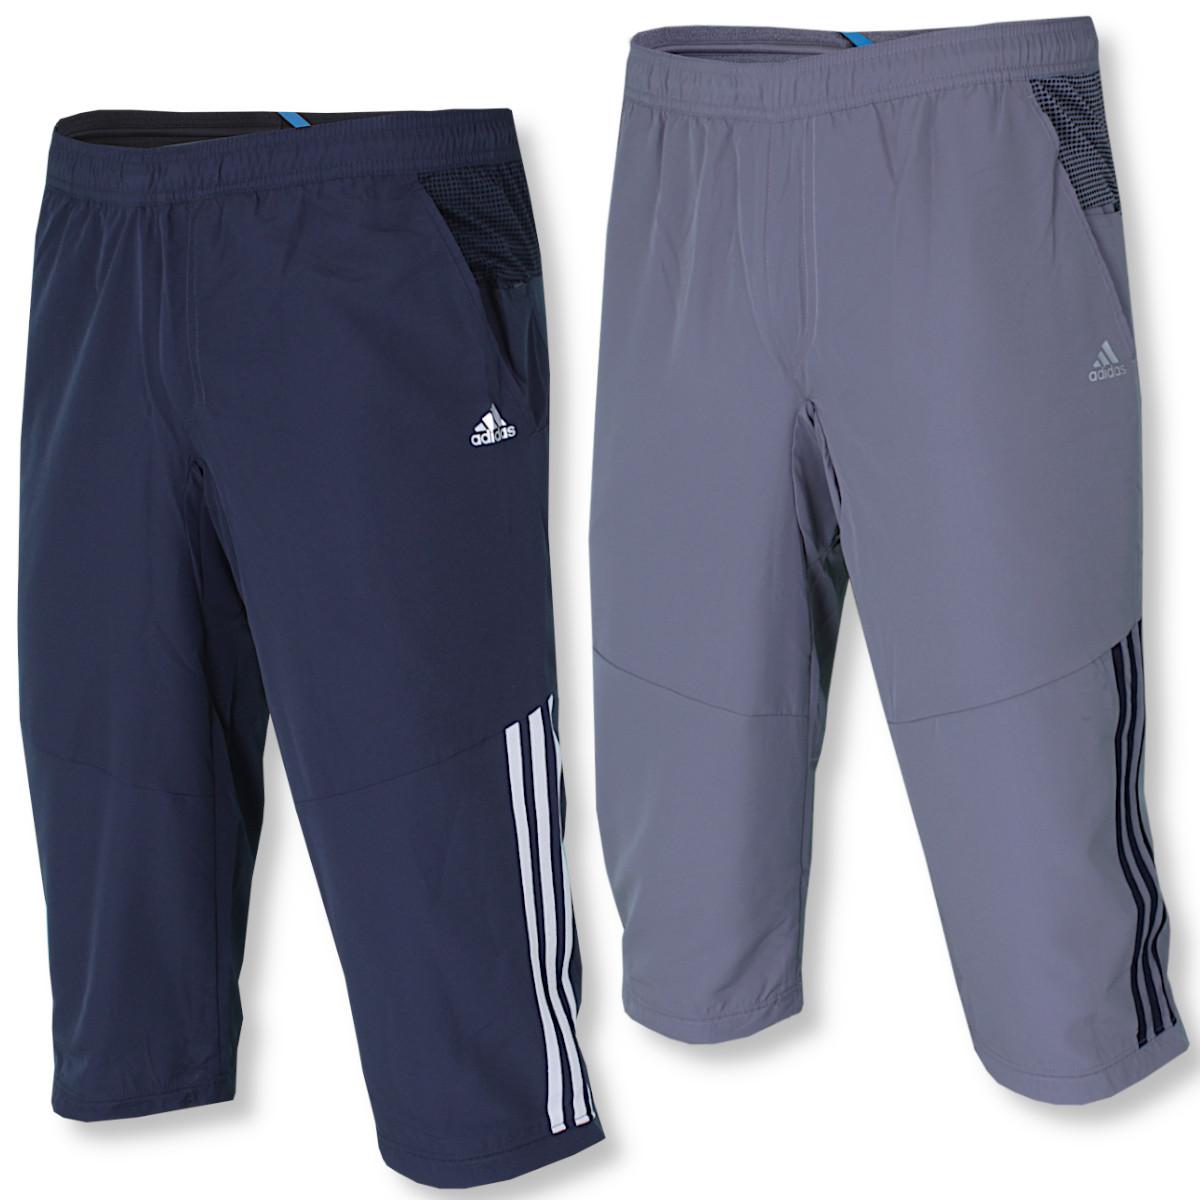 ISSHE Herren Hosen Kurze Hose Trainingsshorts Fitnesshose Trainingshose Casual Shorts Sporthose